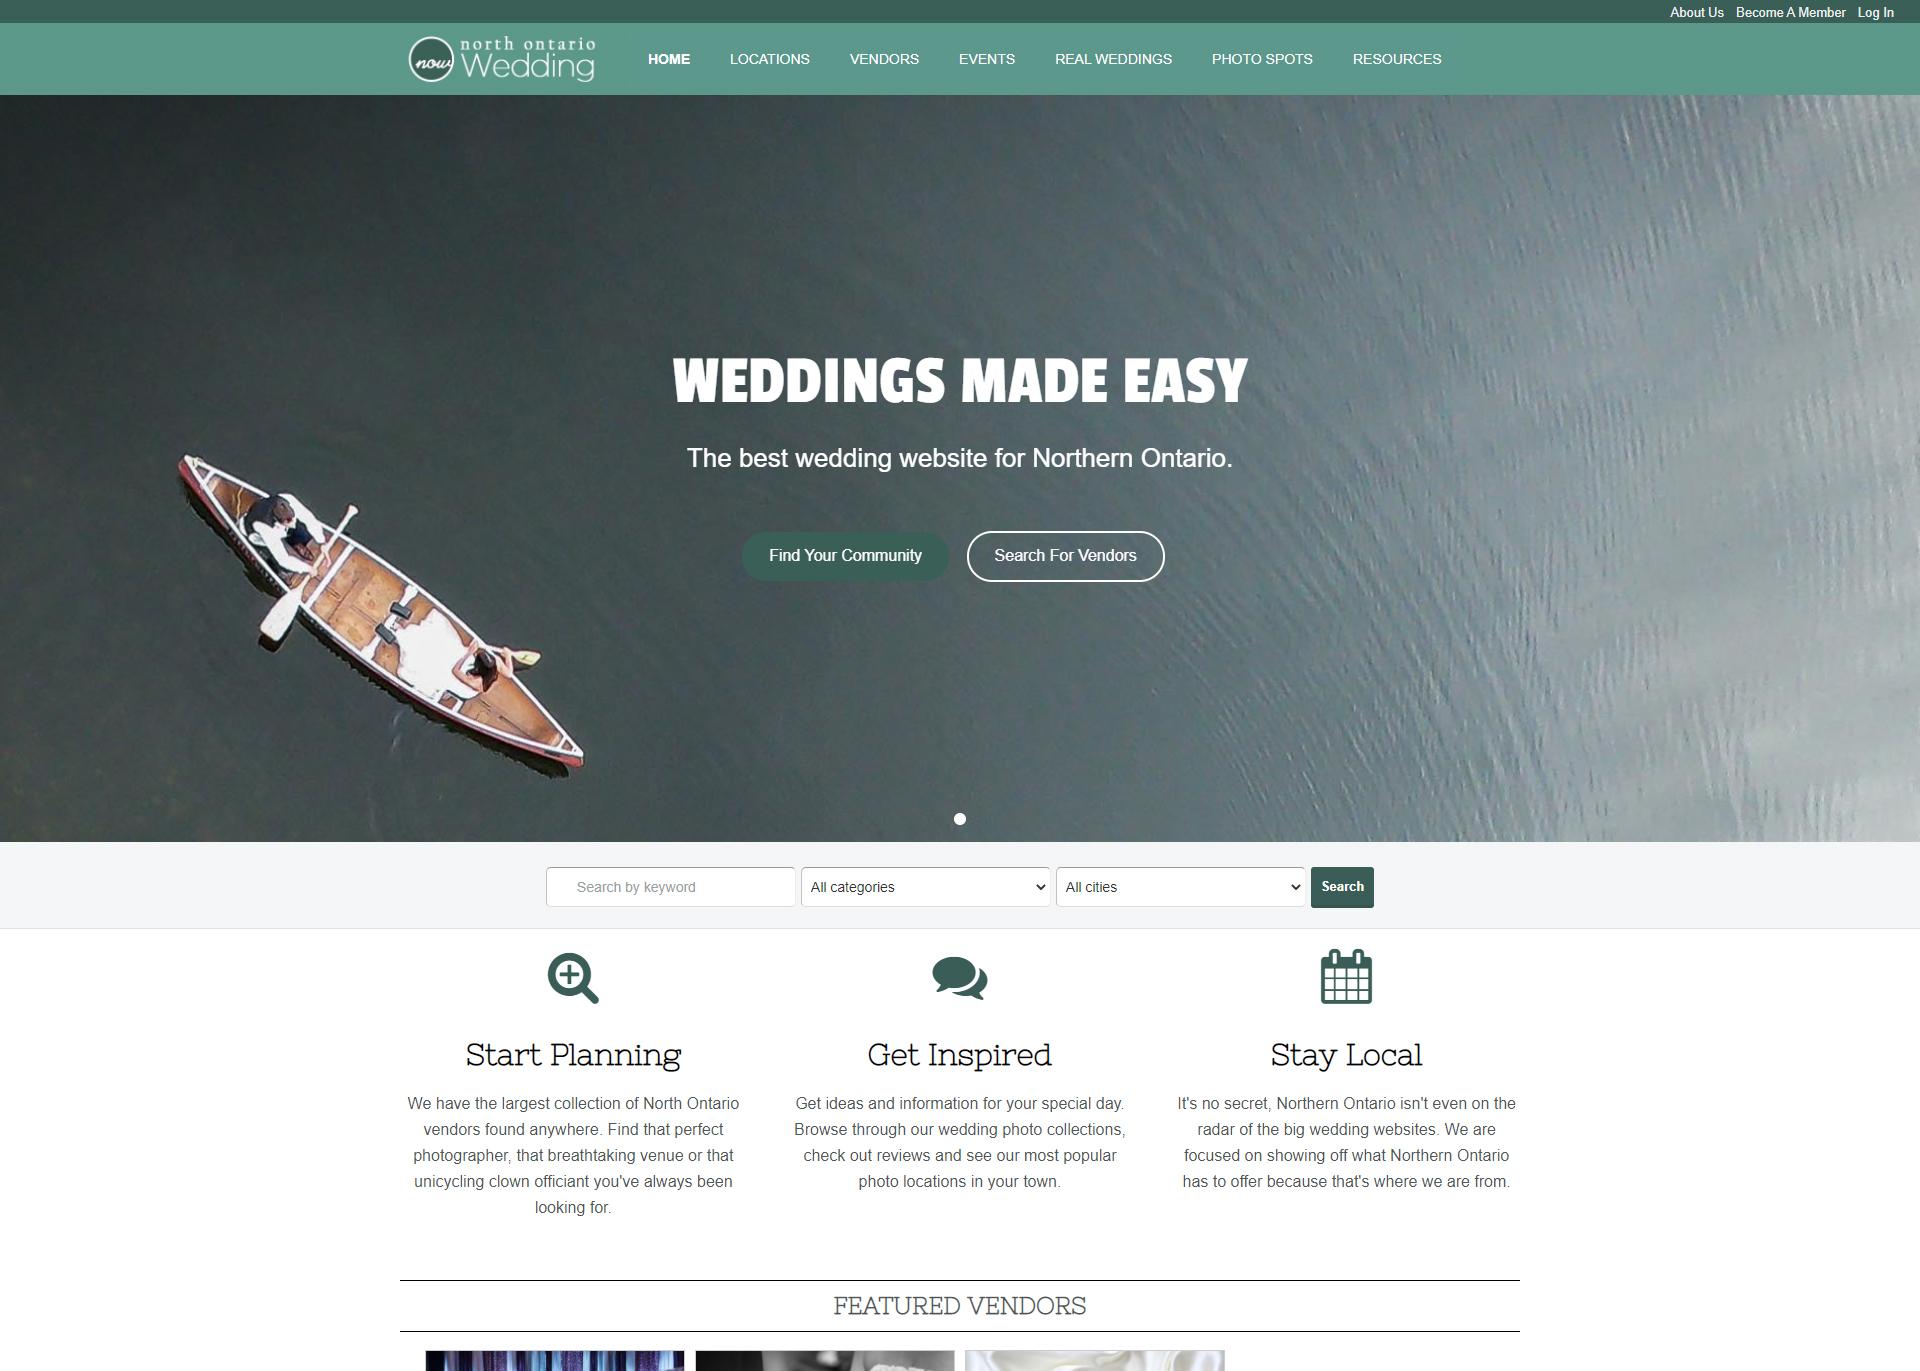 northontariowedding.com